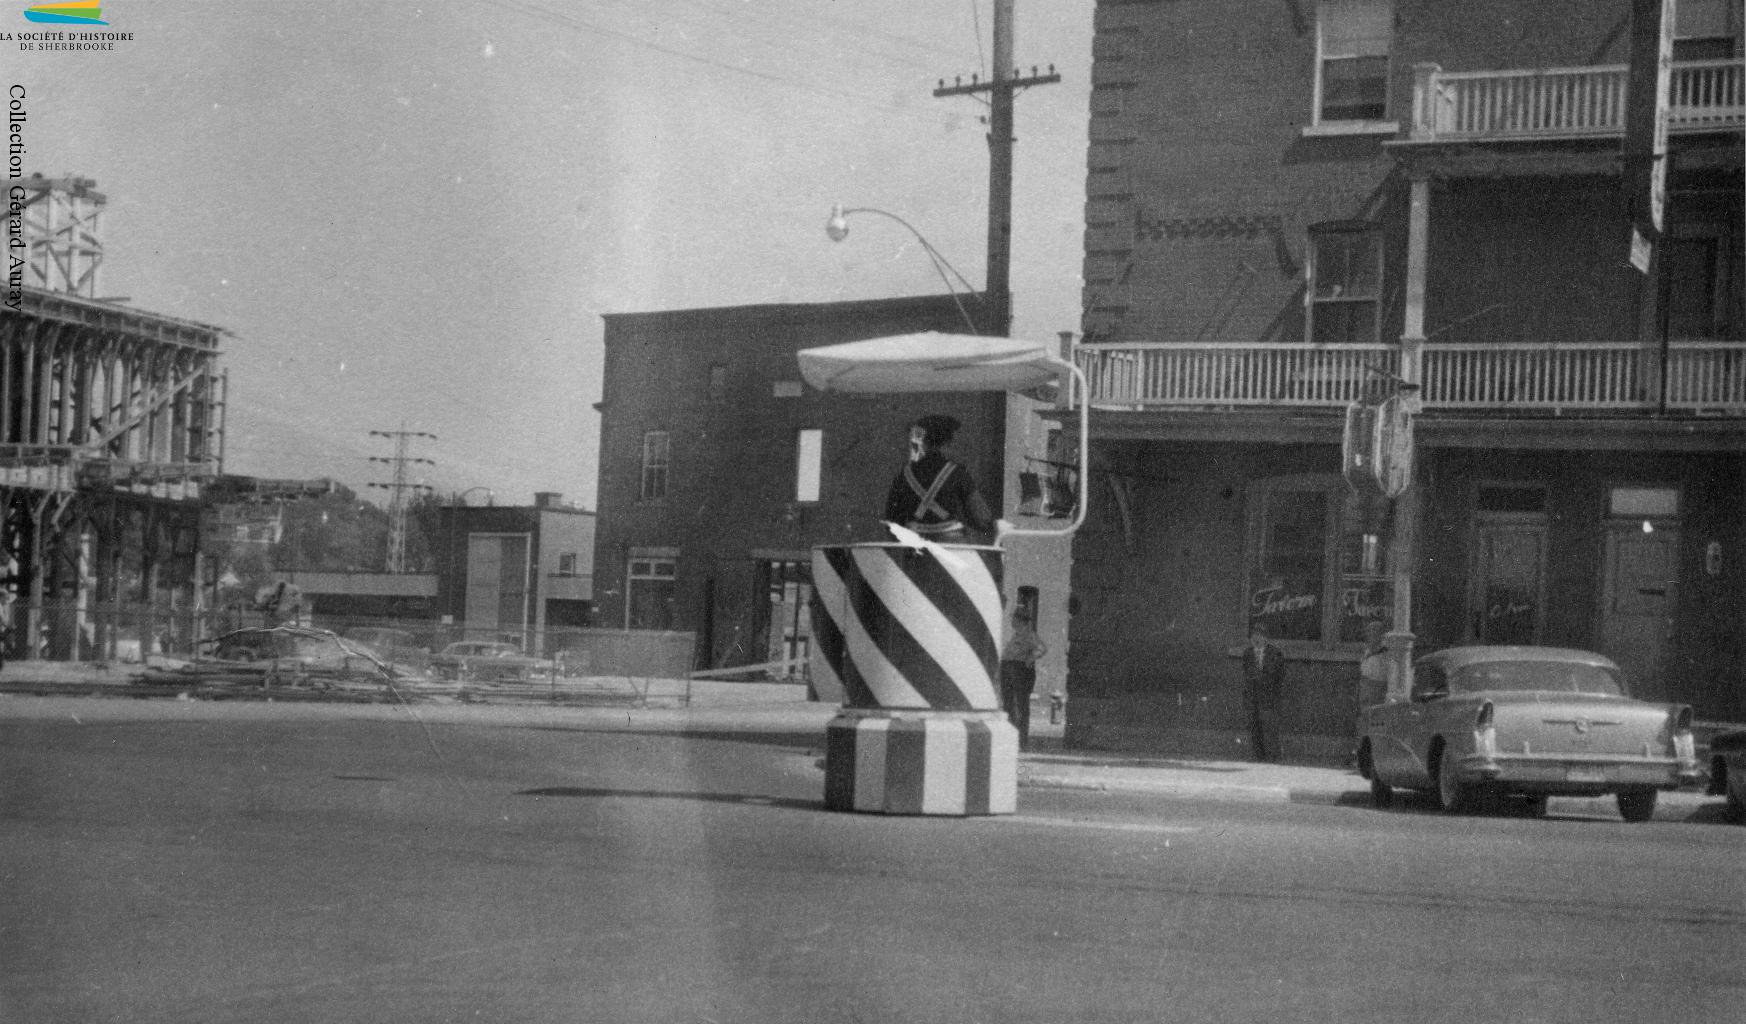 Un policier dirige la circulation au coin des rues King Ouest et Grandes-Fourches, vers 1957. Malgré la présence de feux de circulation depuis 1930, ces policiers restent présents sur certains carrefours routiers de Sherbrooke jusque dans les années 1970.